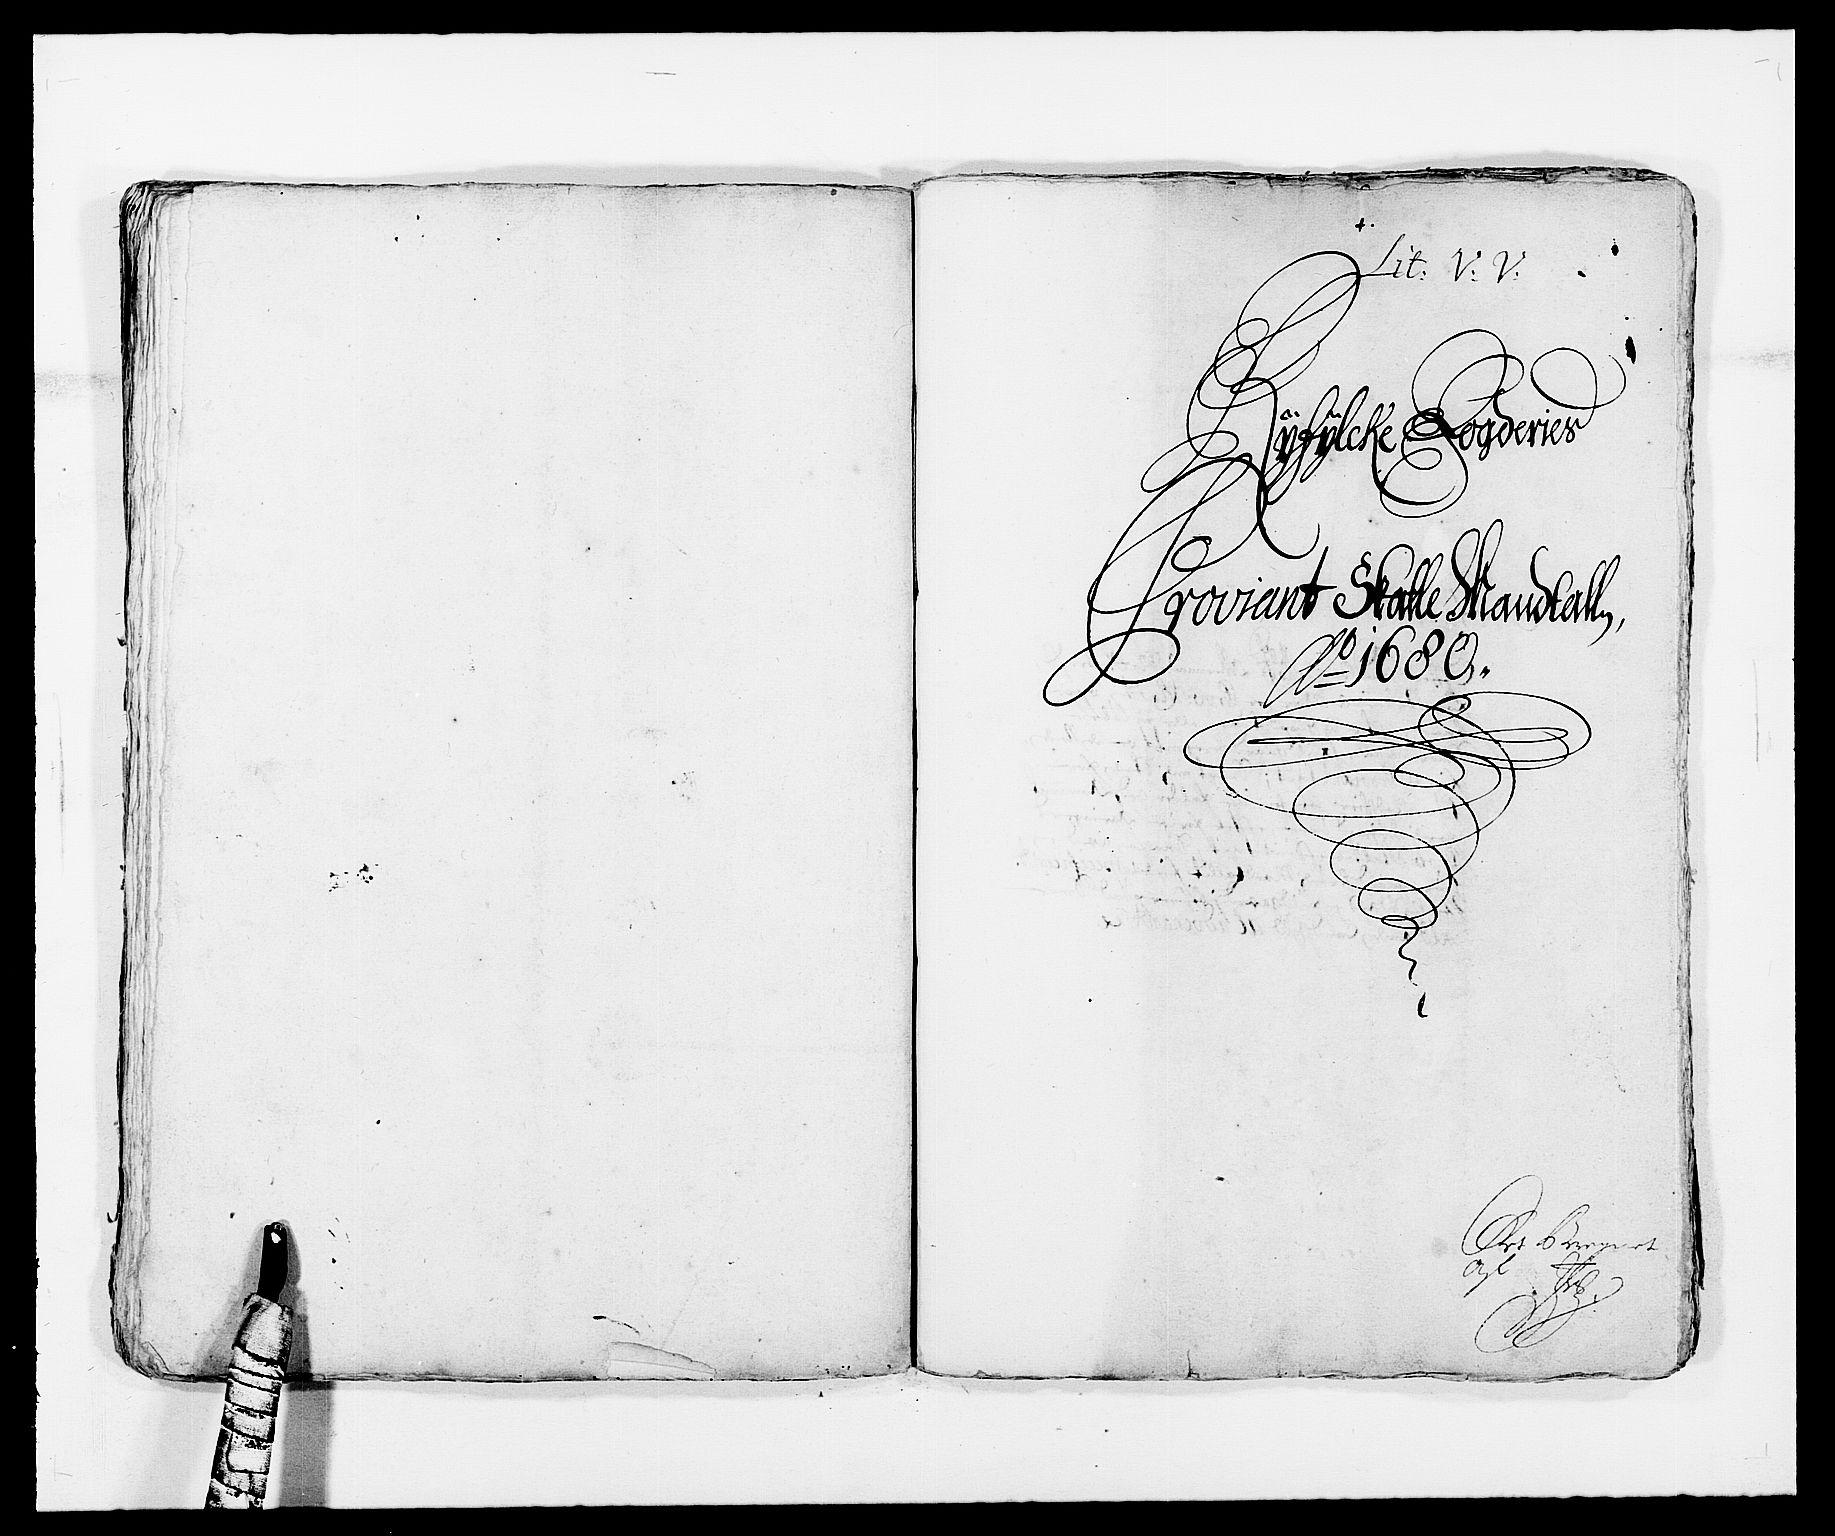 RA, Rentekammeret inntil 1814, Reviderte regnskaper, Fogderegnskap, R47/L2850: Fogderegnskap Ryfylke, 1680, s. 90